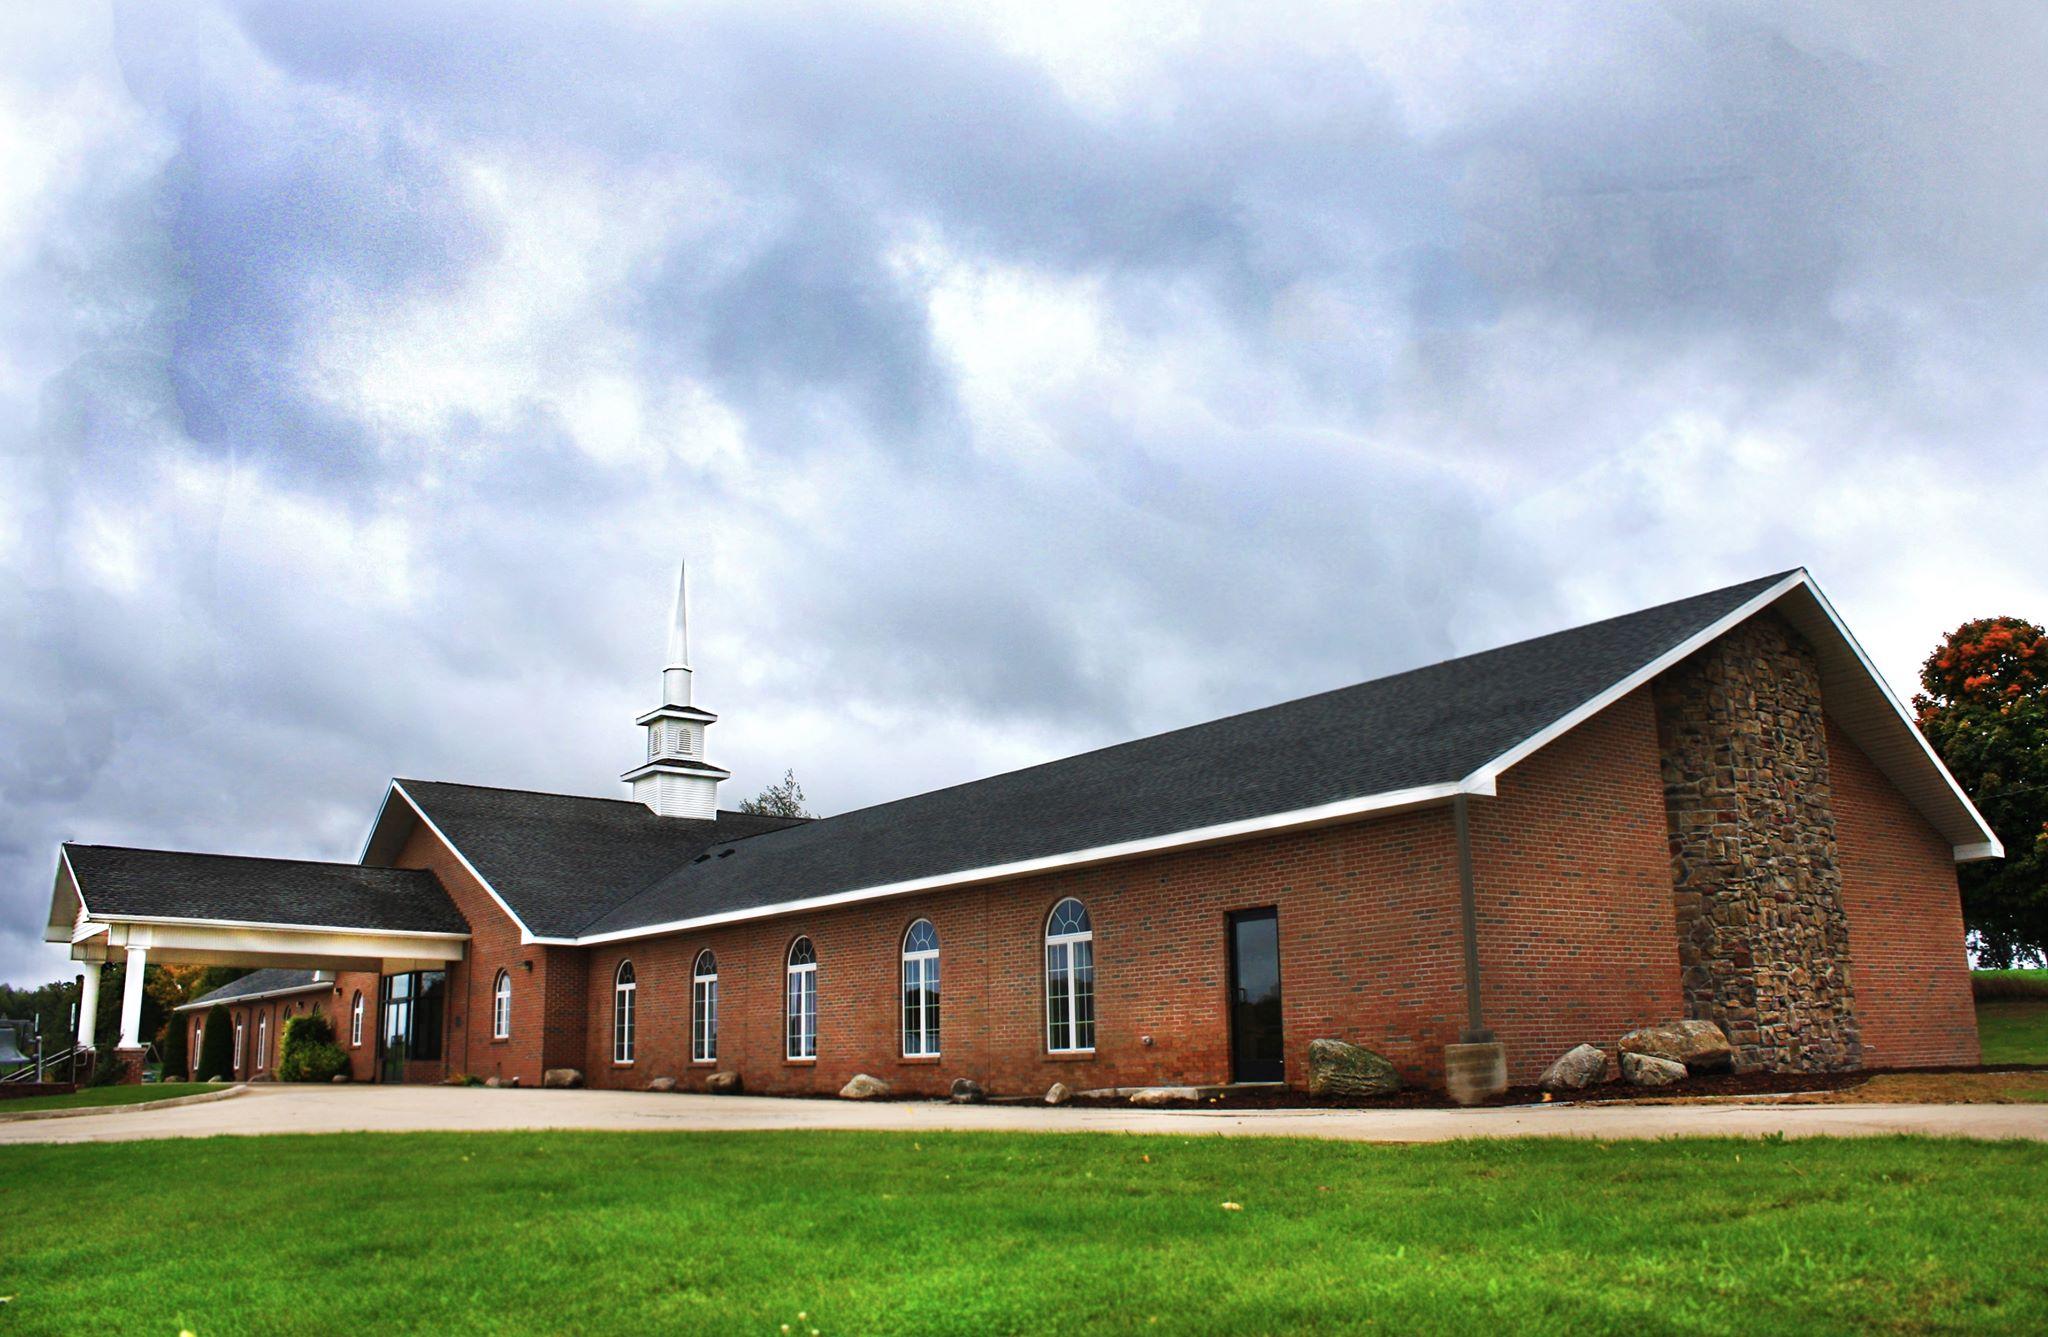 Ashley Baptist Church